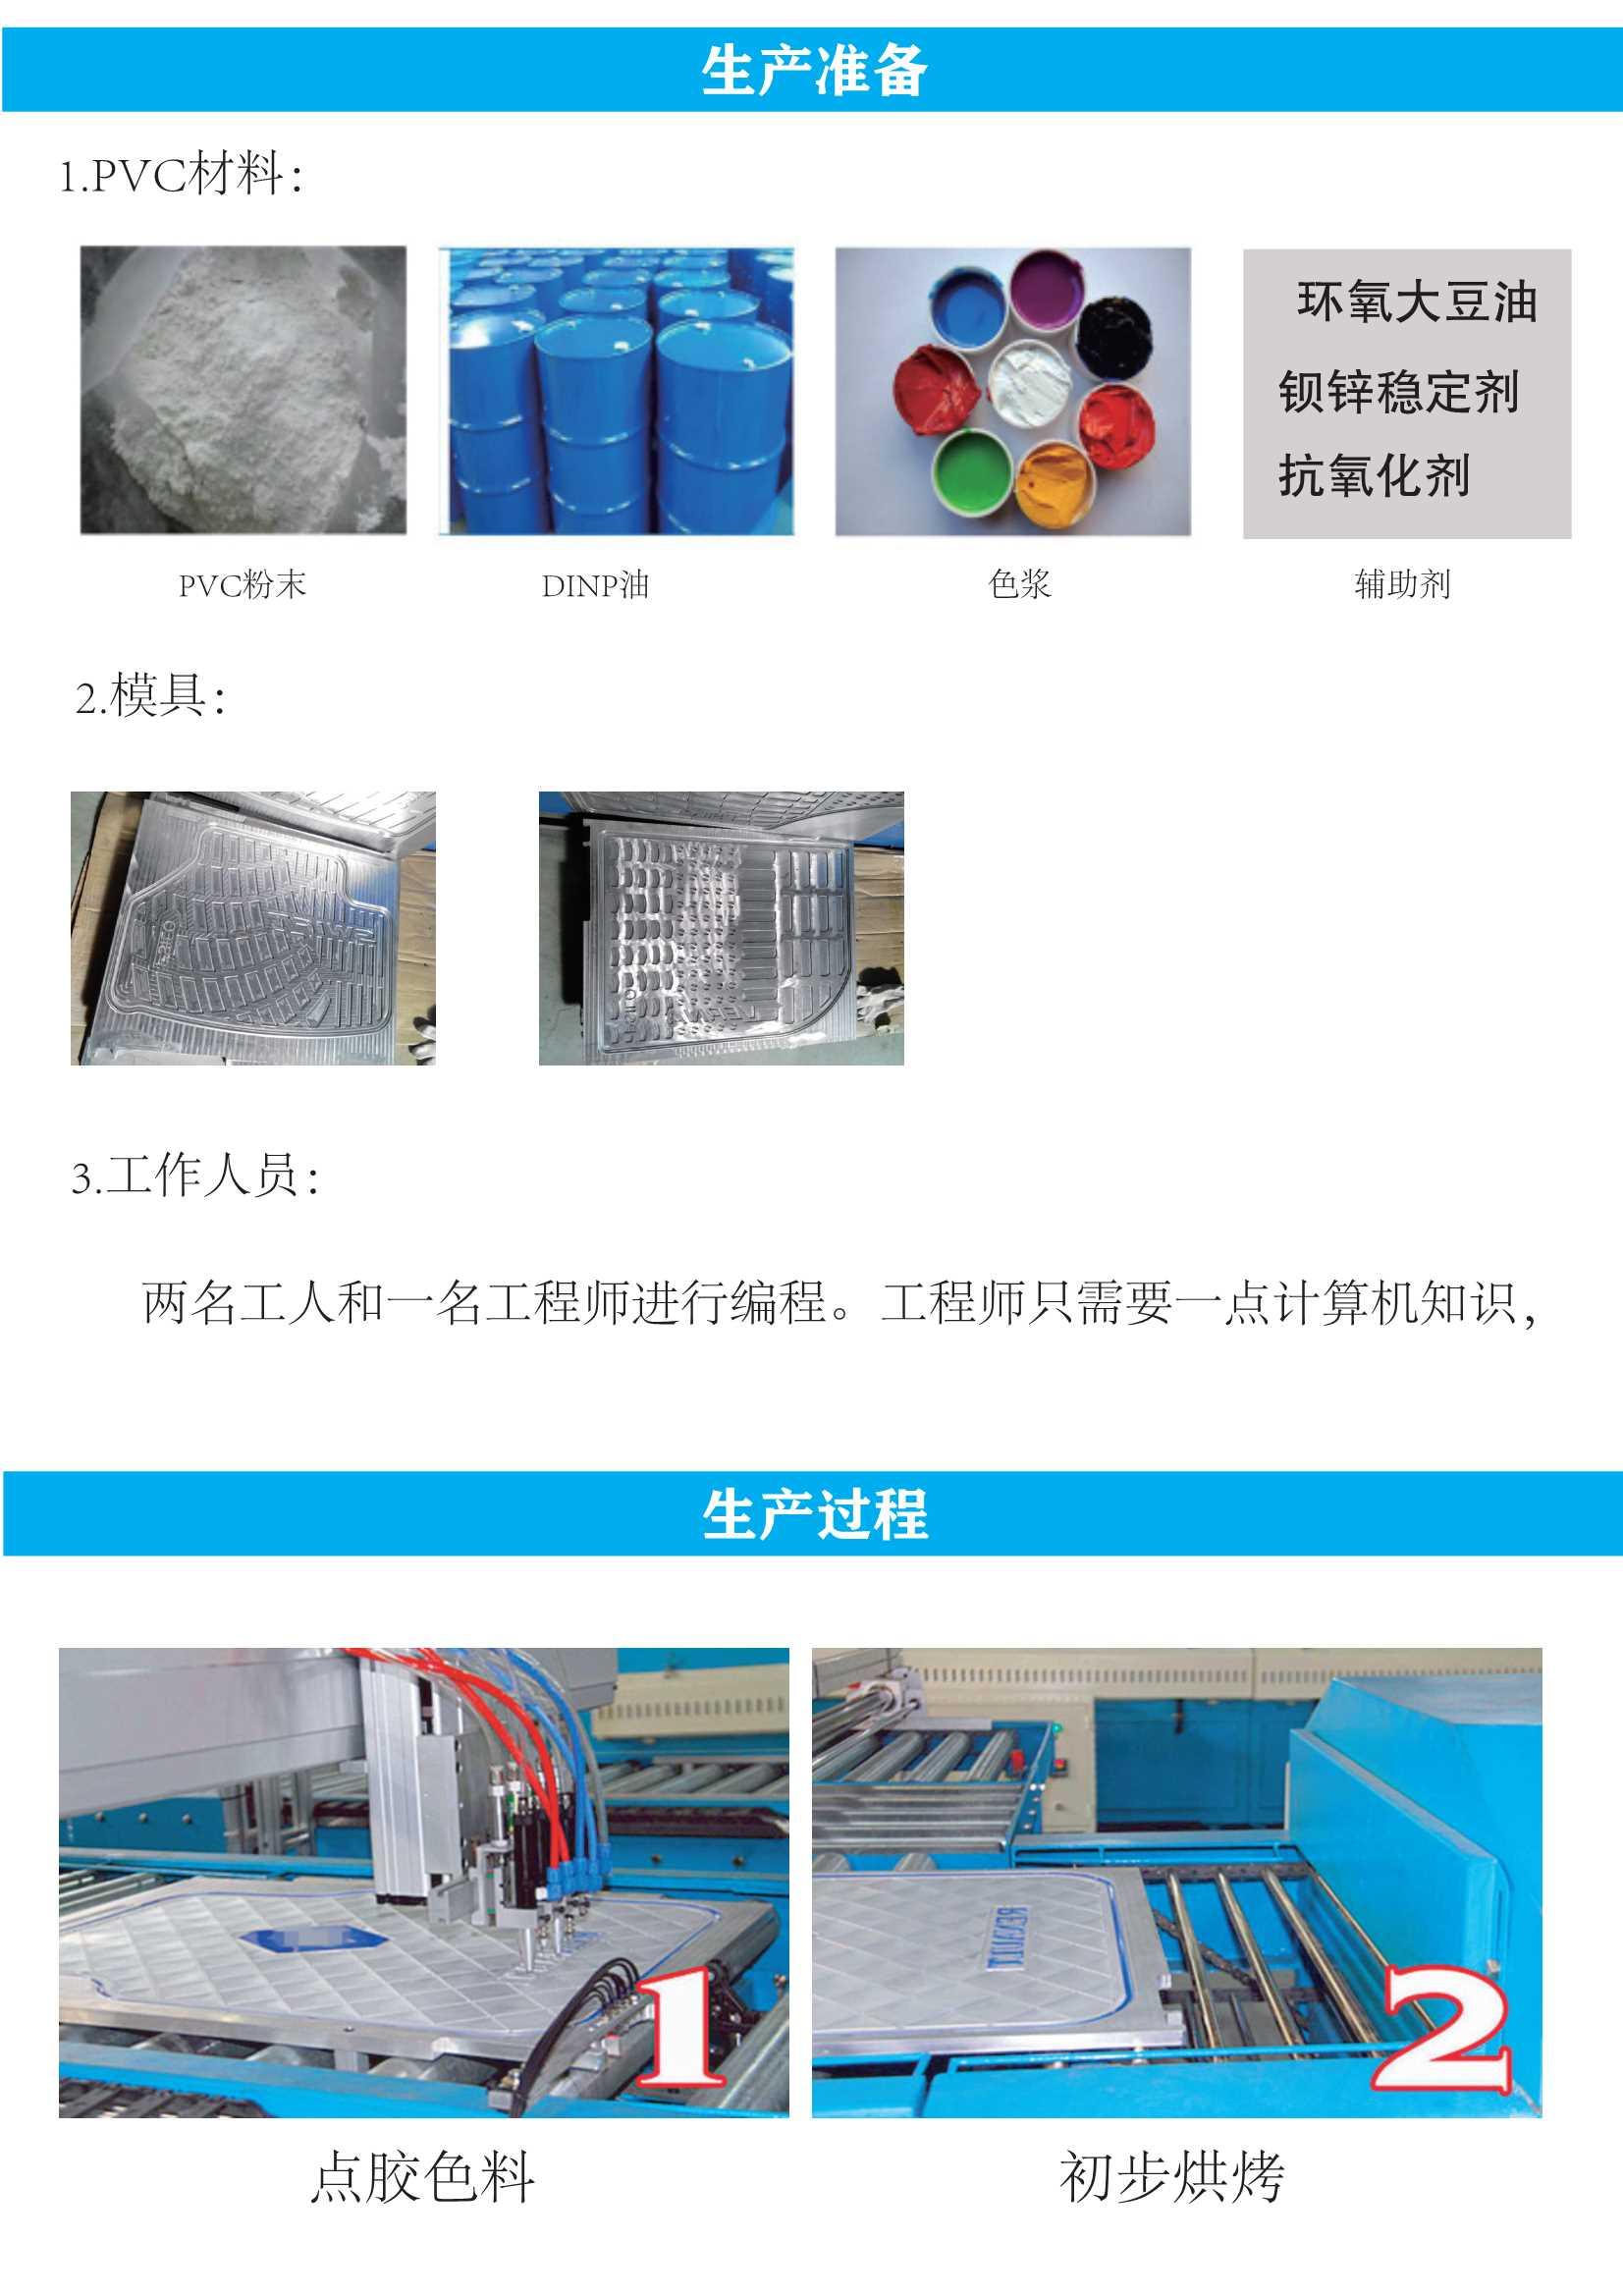 PVC汽車防水腳墊生產設備